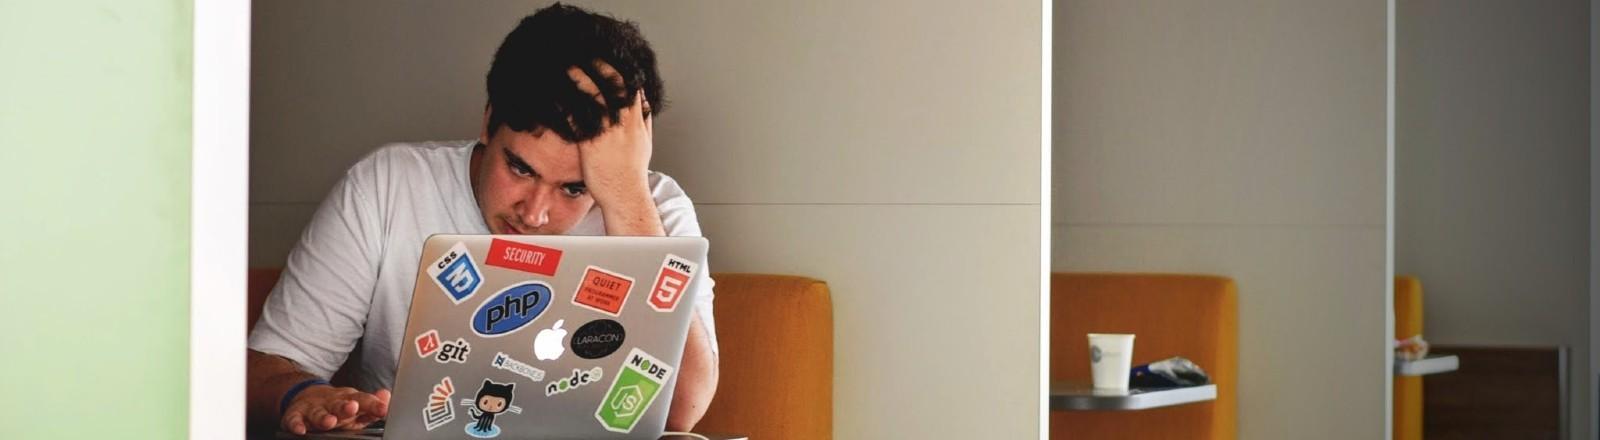 Ein Mann sitzt geknickt vor seinem Laptop